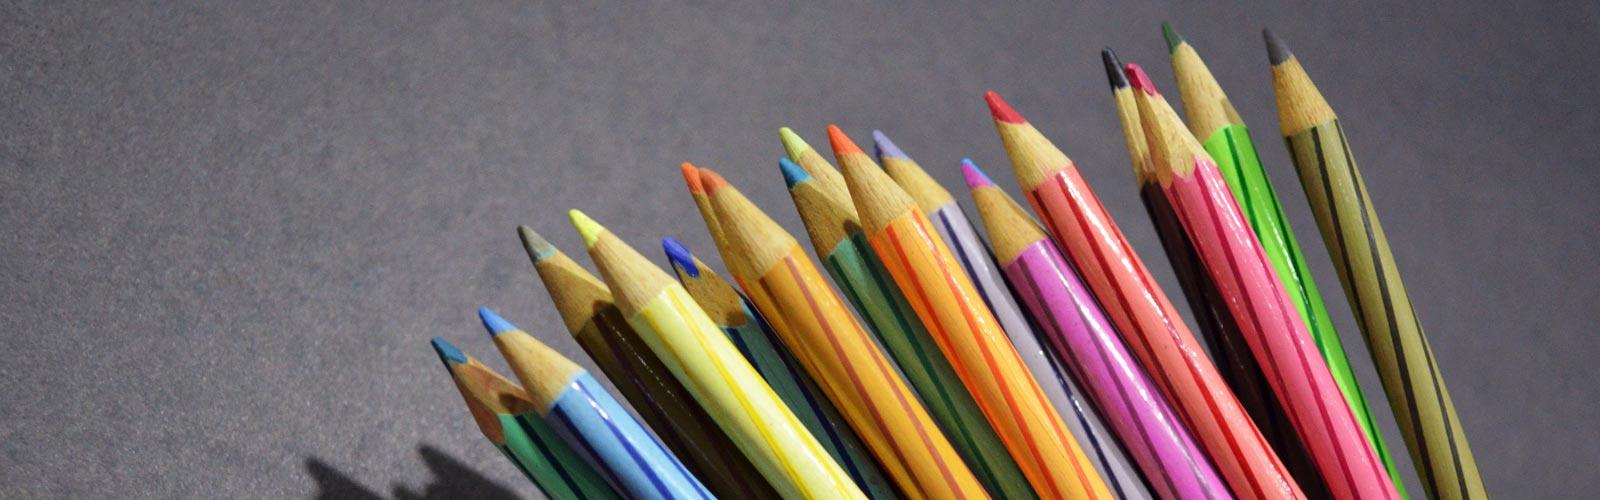 color_pencils_glass_hires